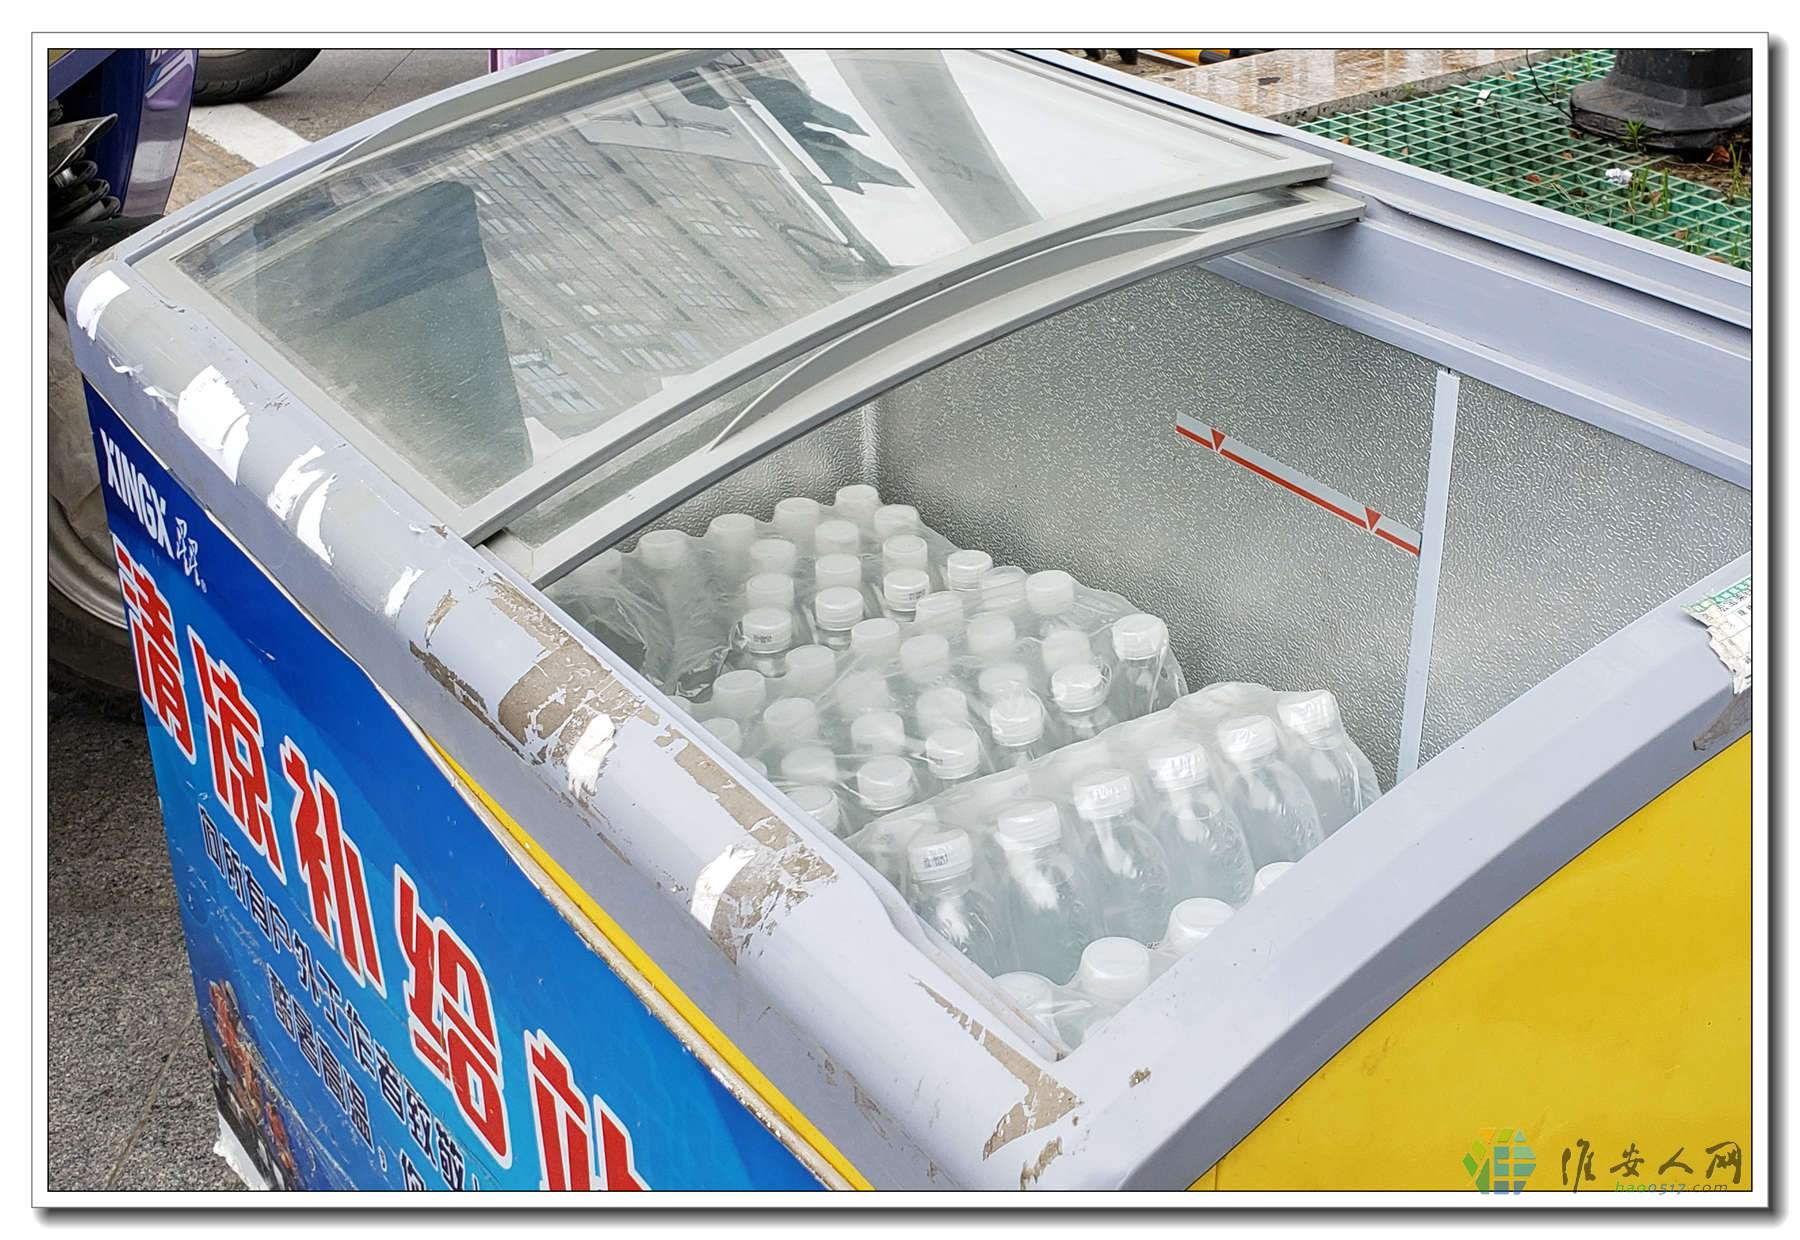 爱心冰柜-150041.jpg